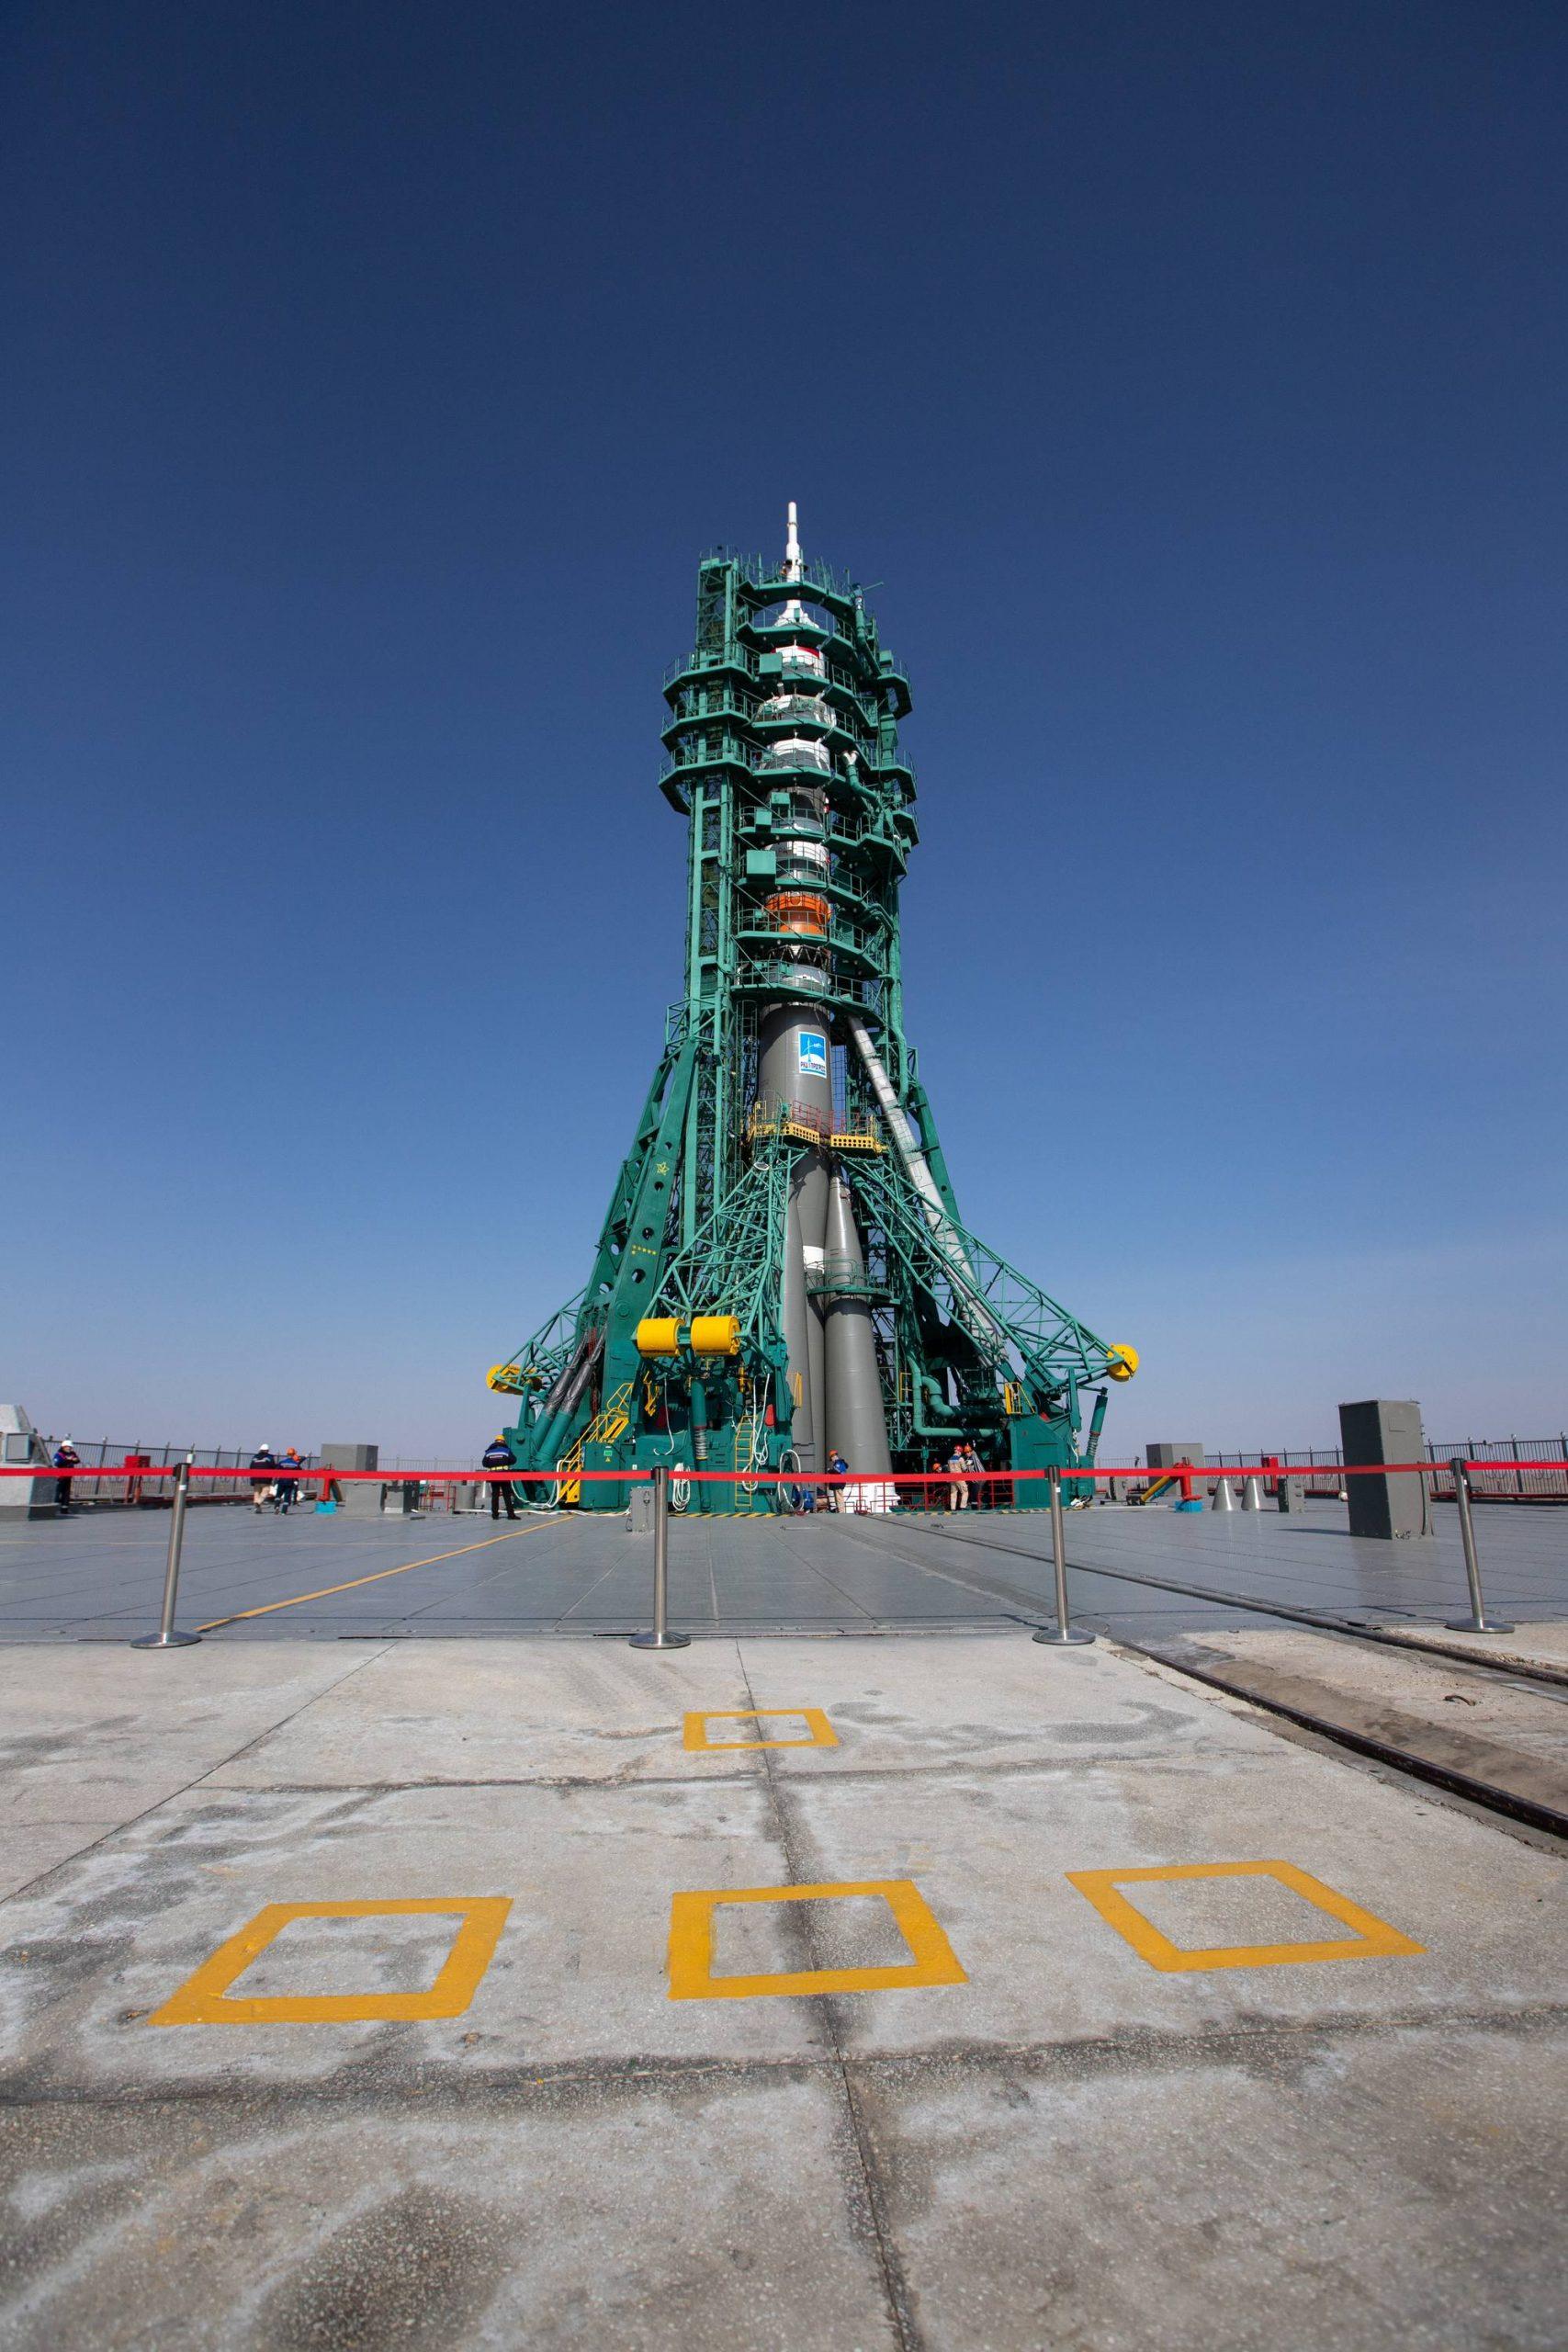 Le lanceur va reposer ici jusqu'au 9 avril, jour du lancement. La place des cosmonautes lors de l'au-revoir est indiquée au sol.